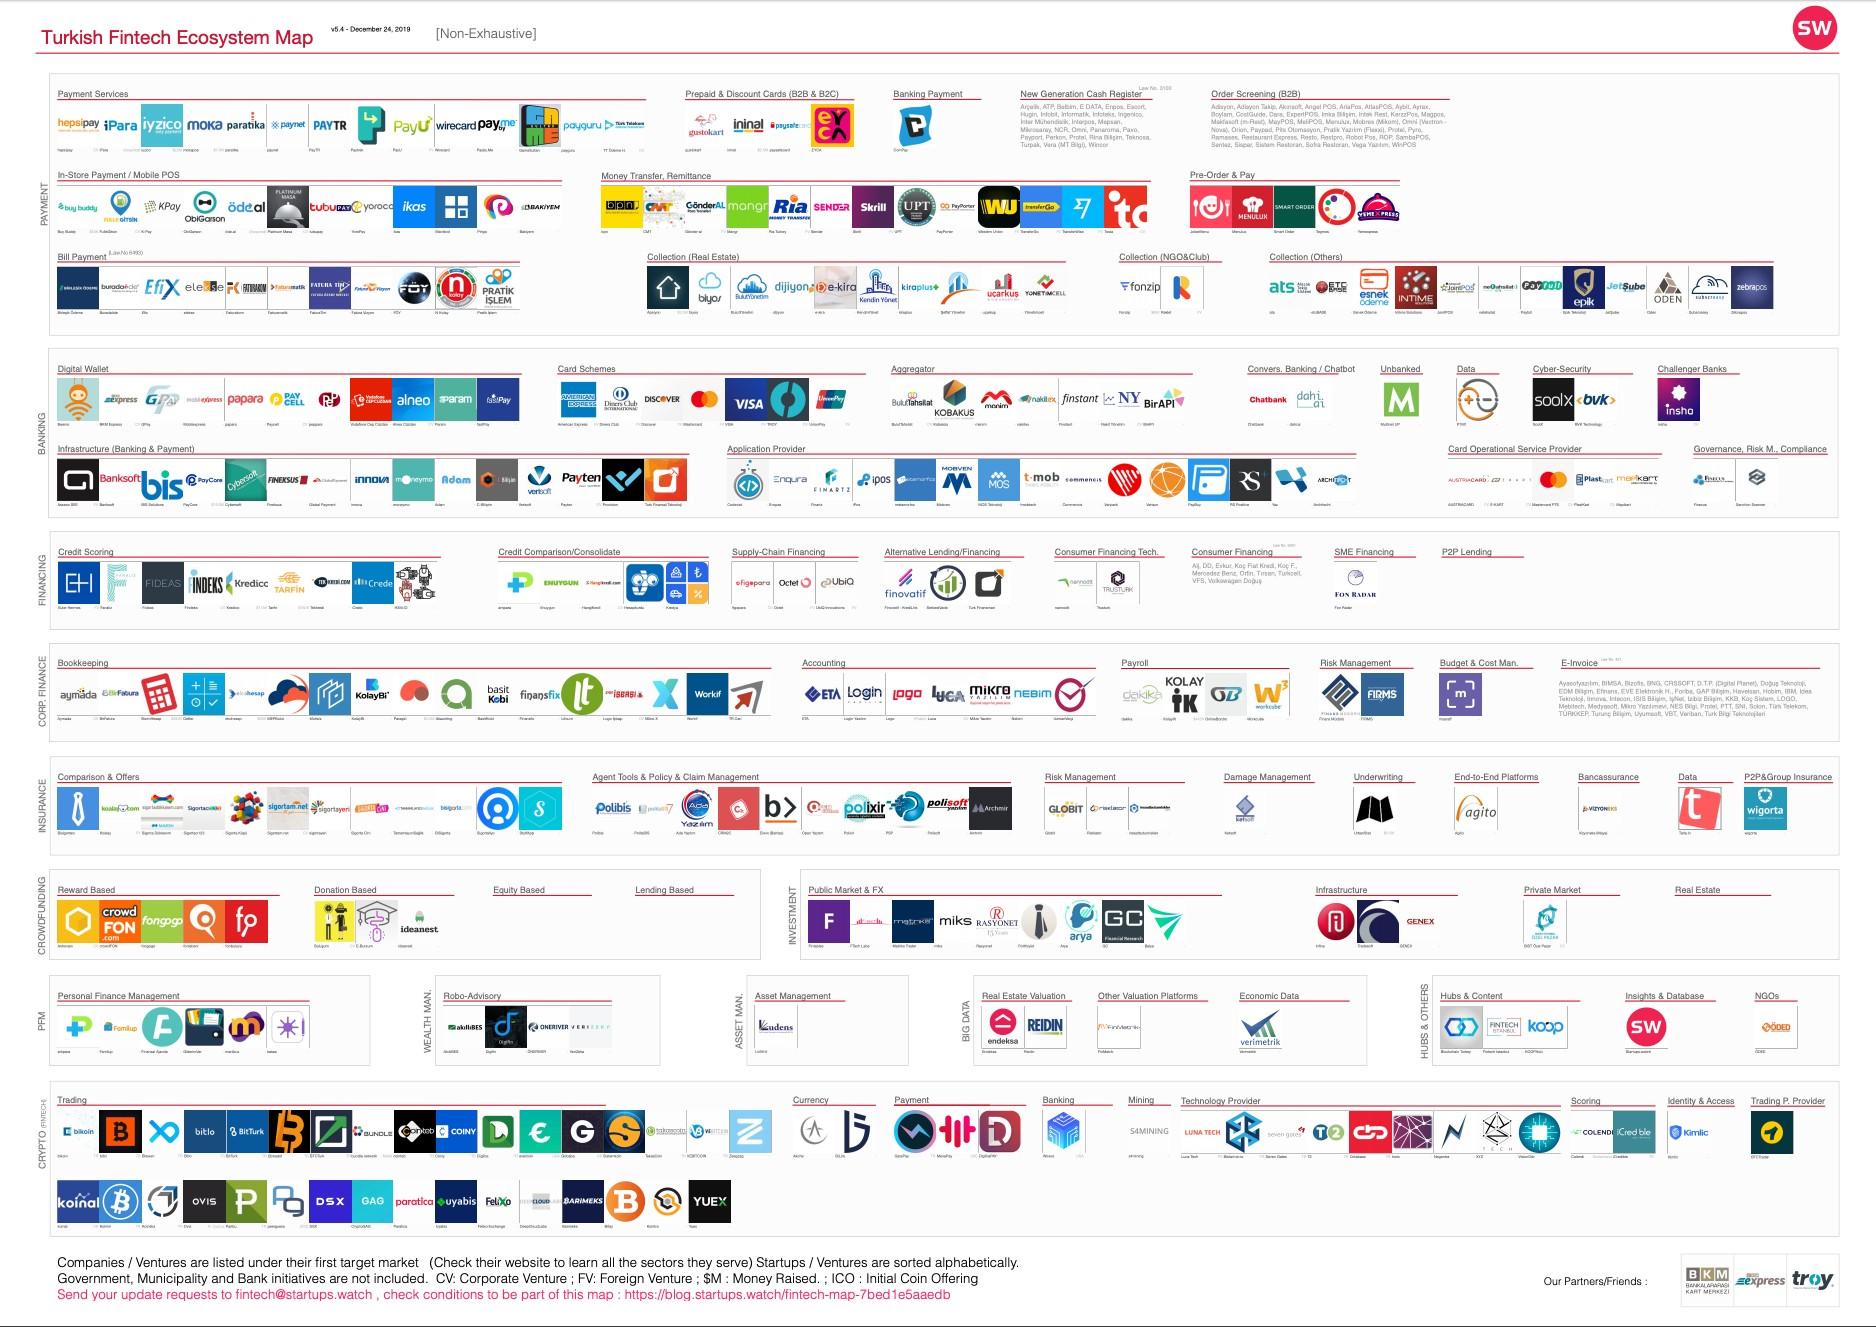 Türkiye FinTech Ekosistemi haritası 5.4 sürümü yayınlandı